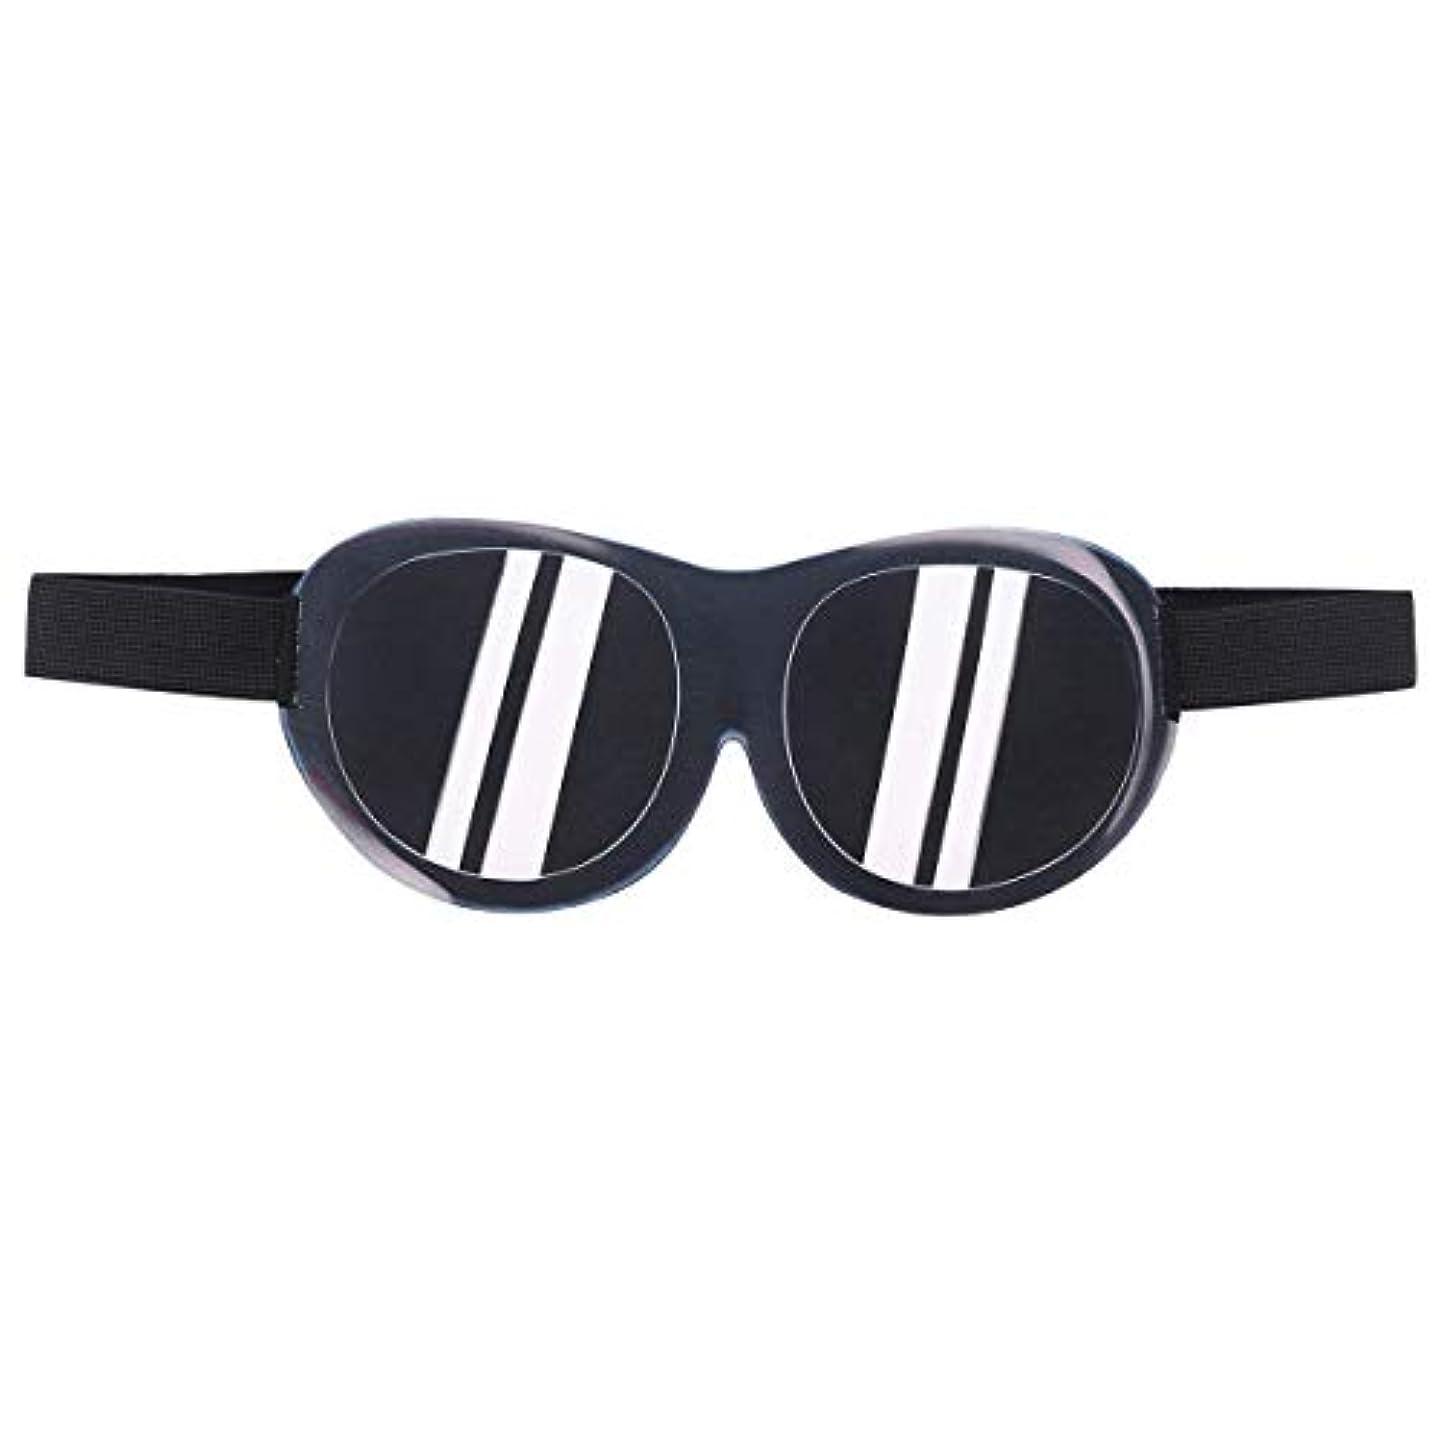 忘れっぽい粉砕する願望SUPVOX 面白いアイシェード3Dスリープマスクブラインドパッチアイマスク目隠し